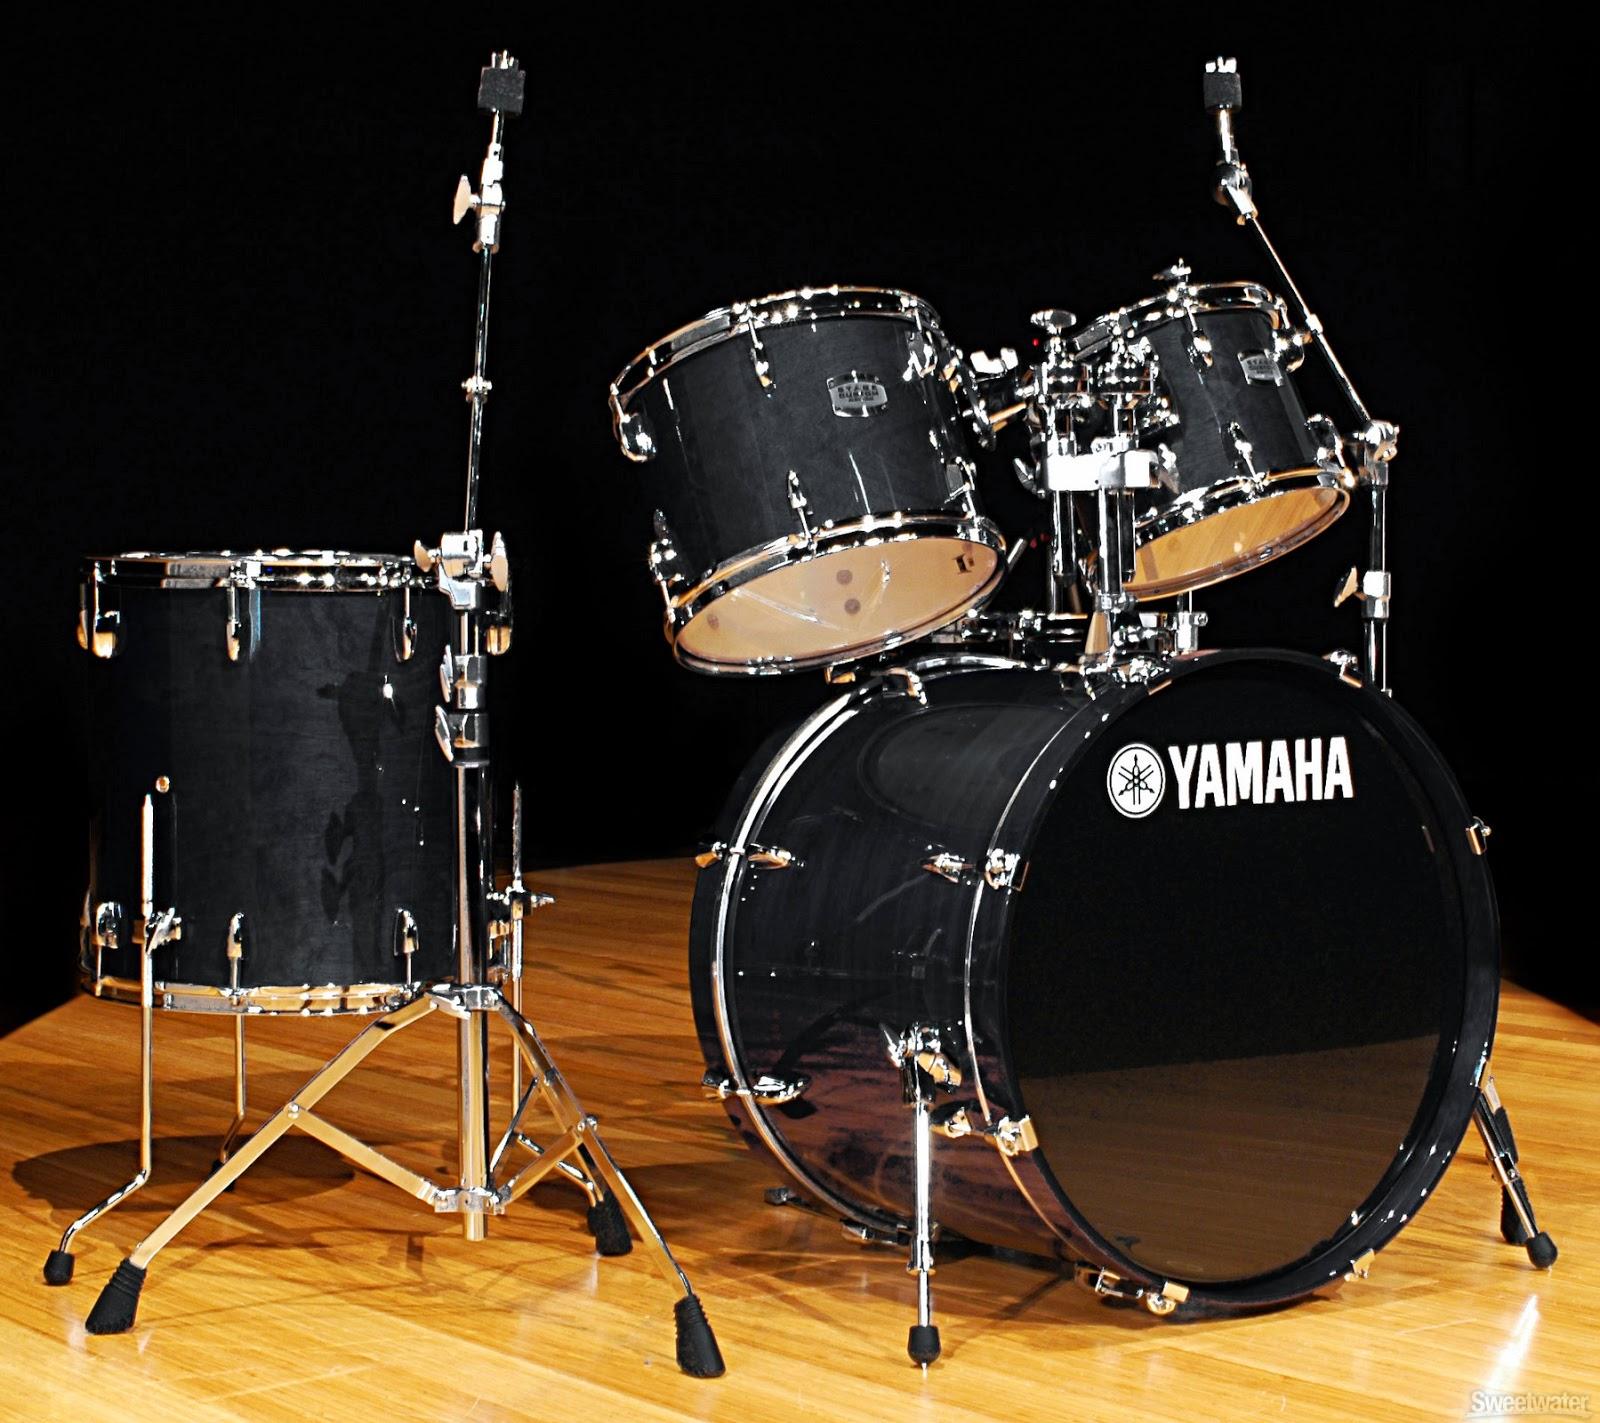 Drum Yamaha Murah dan Berkualitas